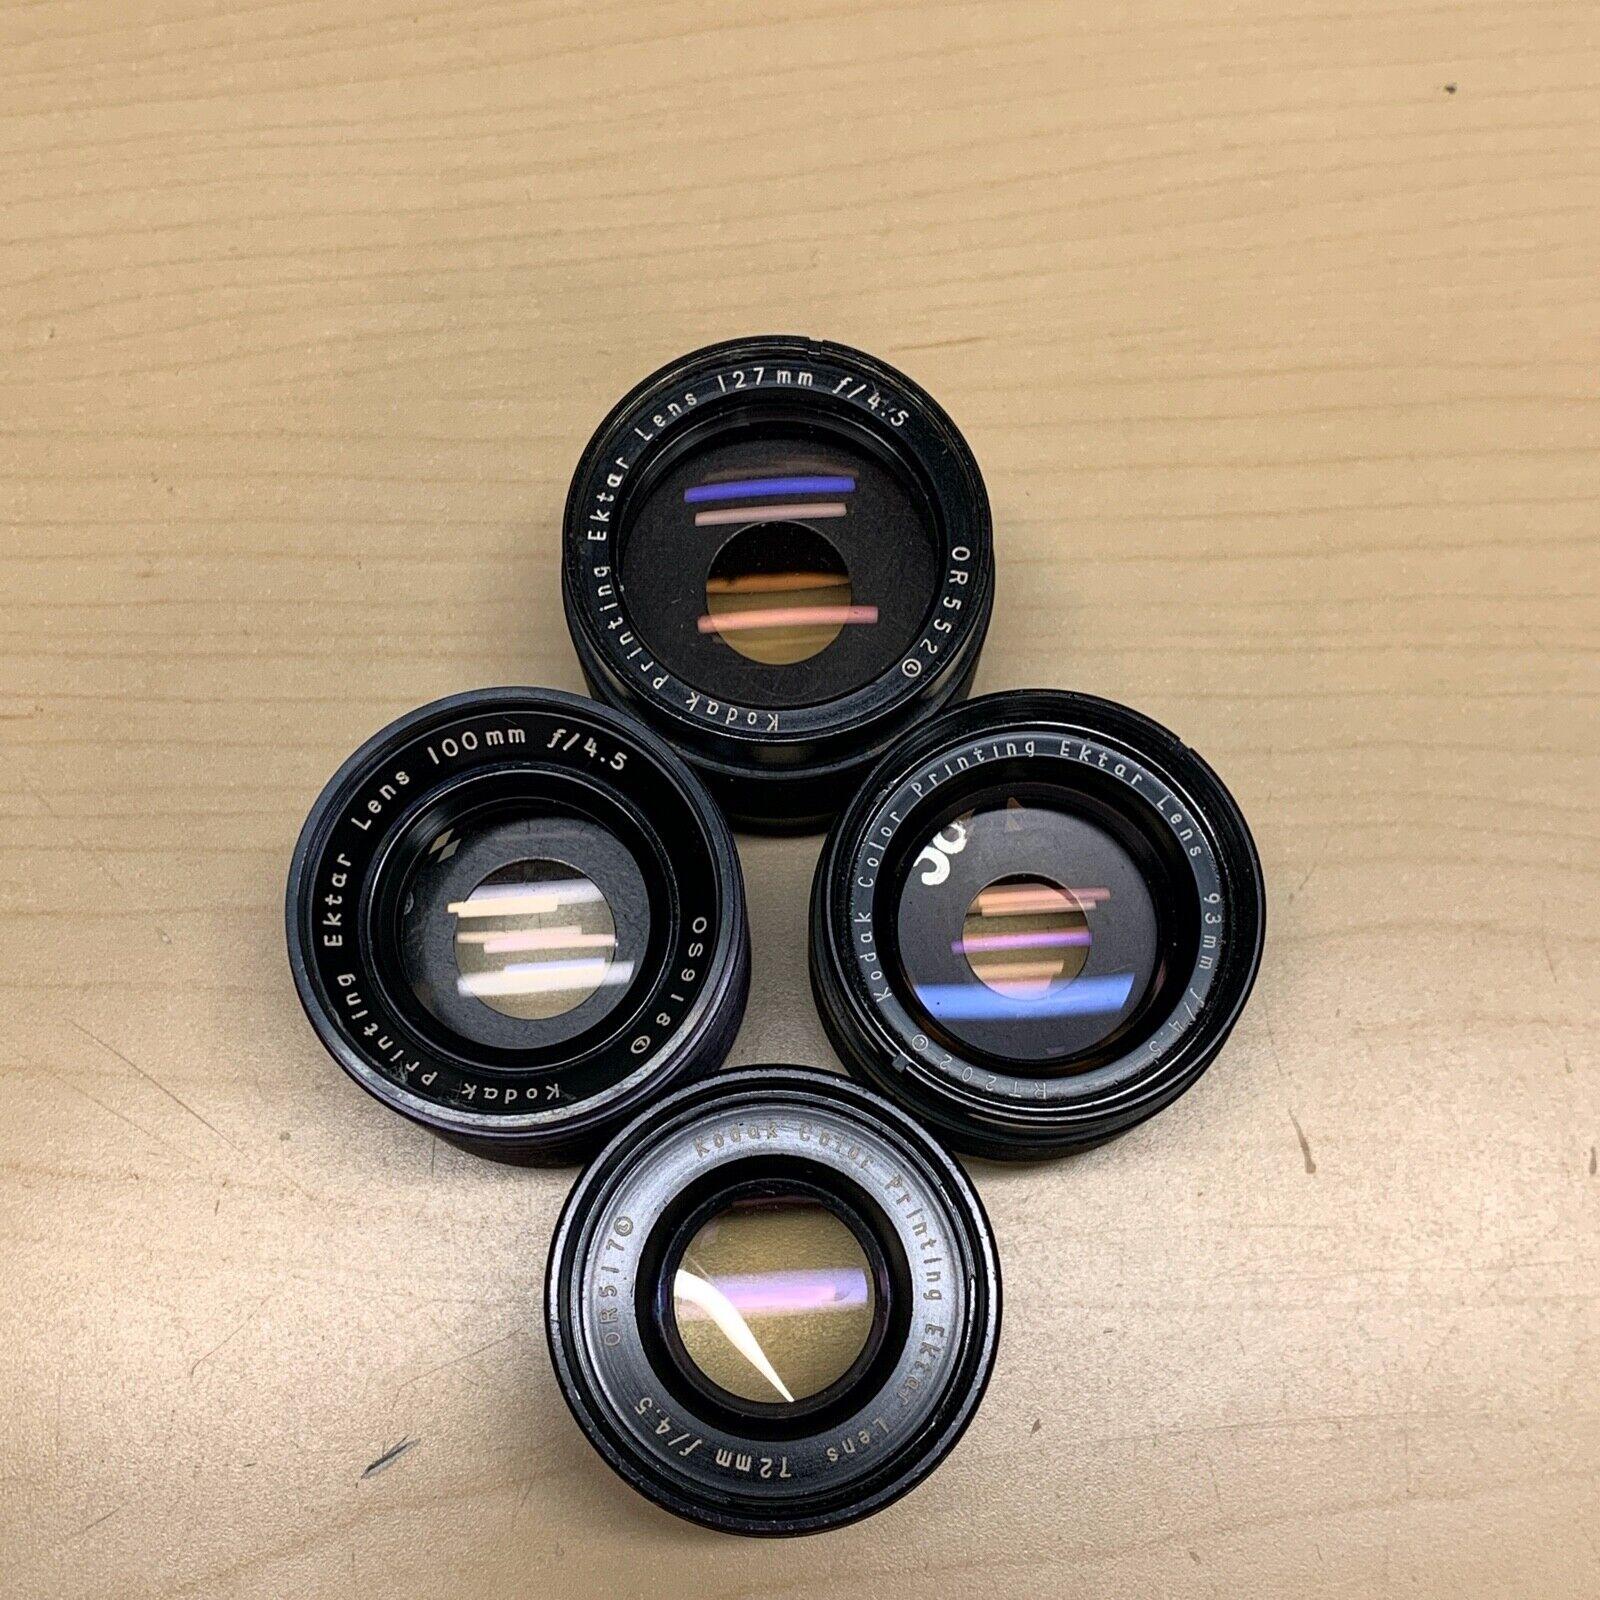 ^Kodak Ektar Printing Lenses 93mm f/4.5 72mm f/4.5 100mm f/4.5 127mm f/4.5